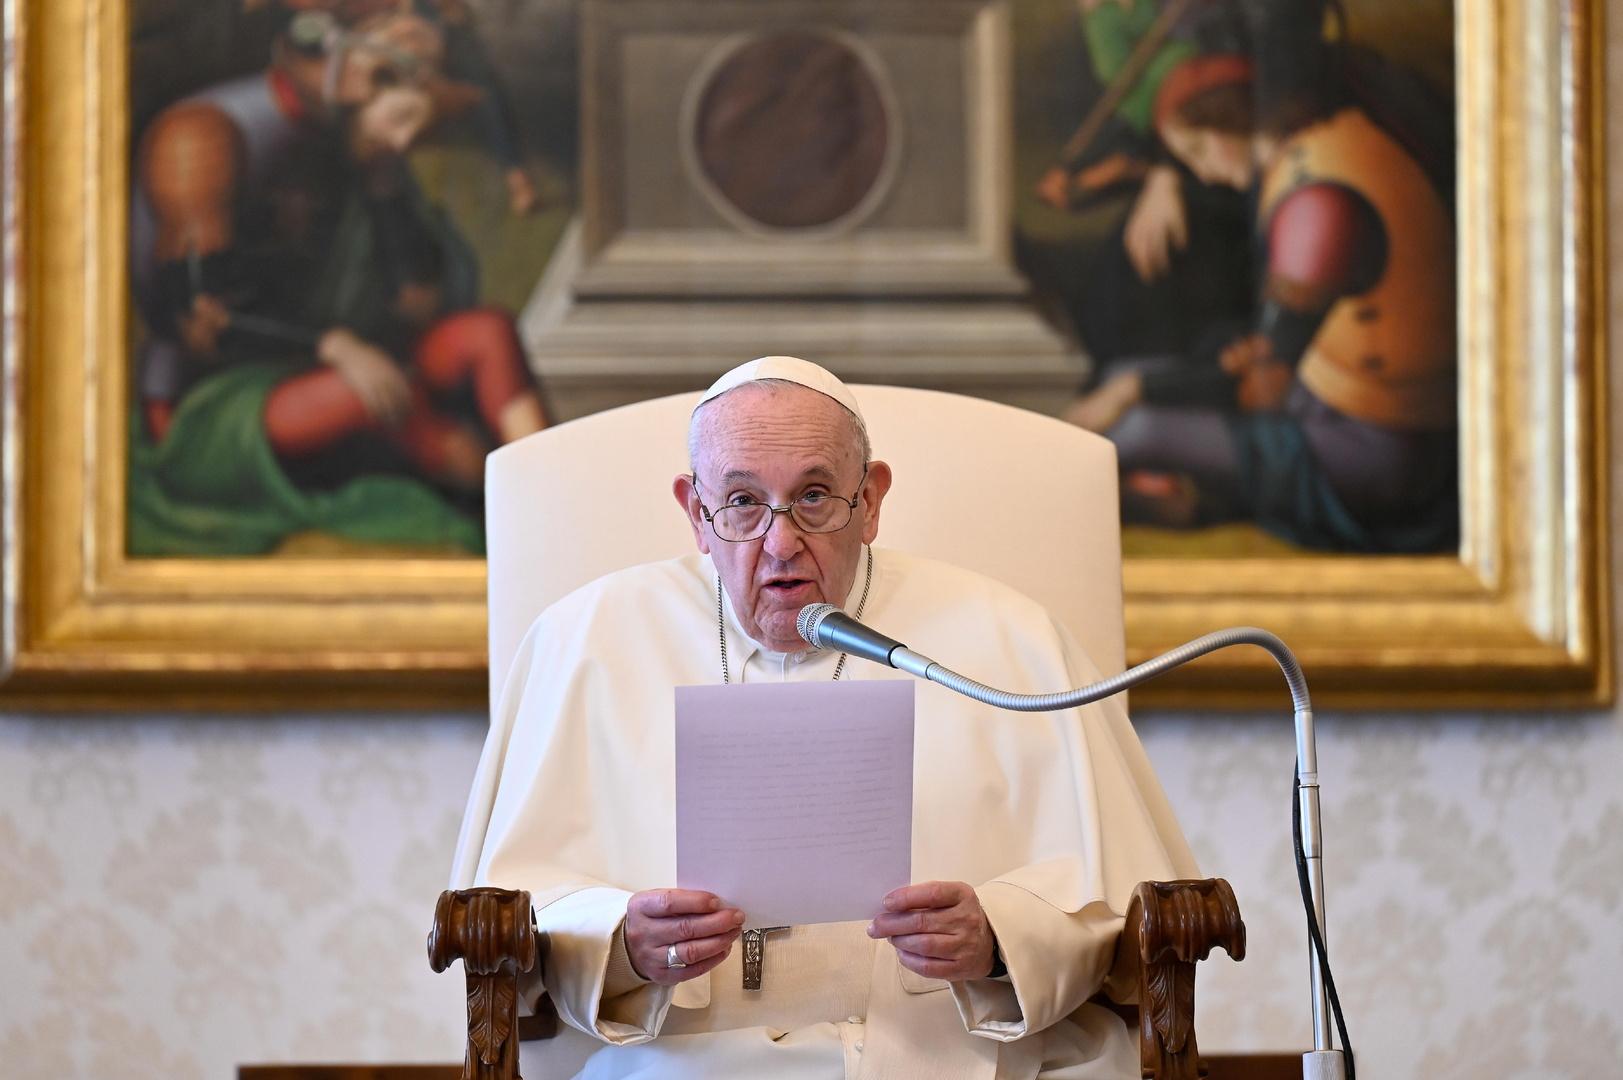 البابا فرنسيس ينفي اعتزامه الاستقالة ويقول إنه يعيش